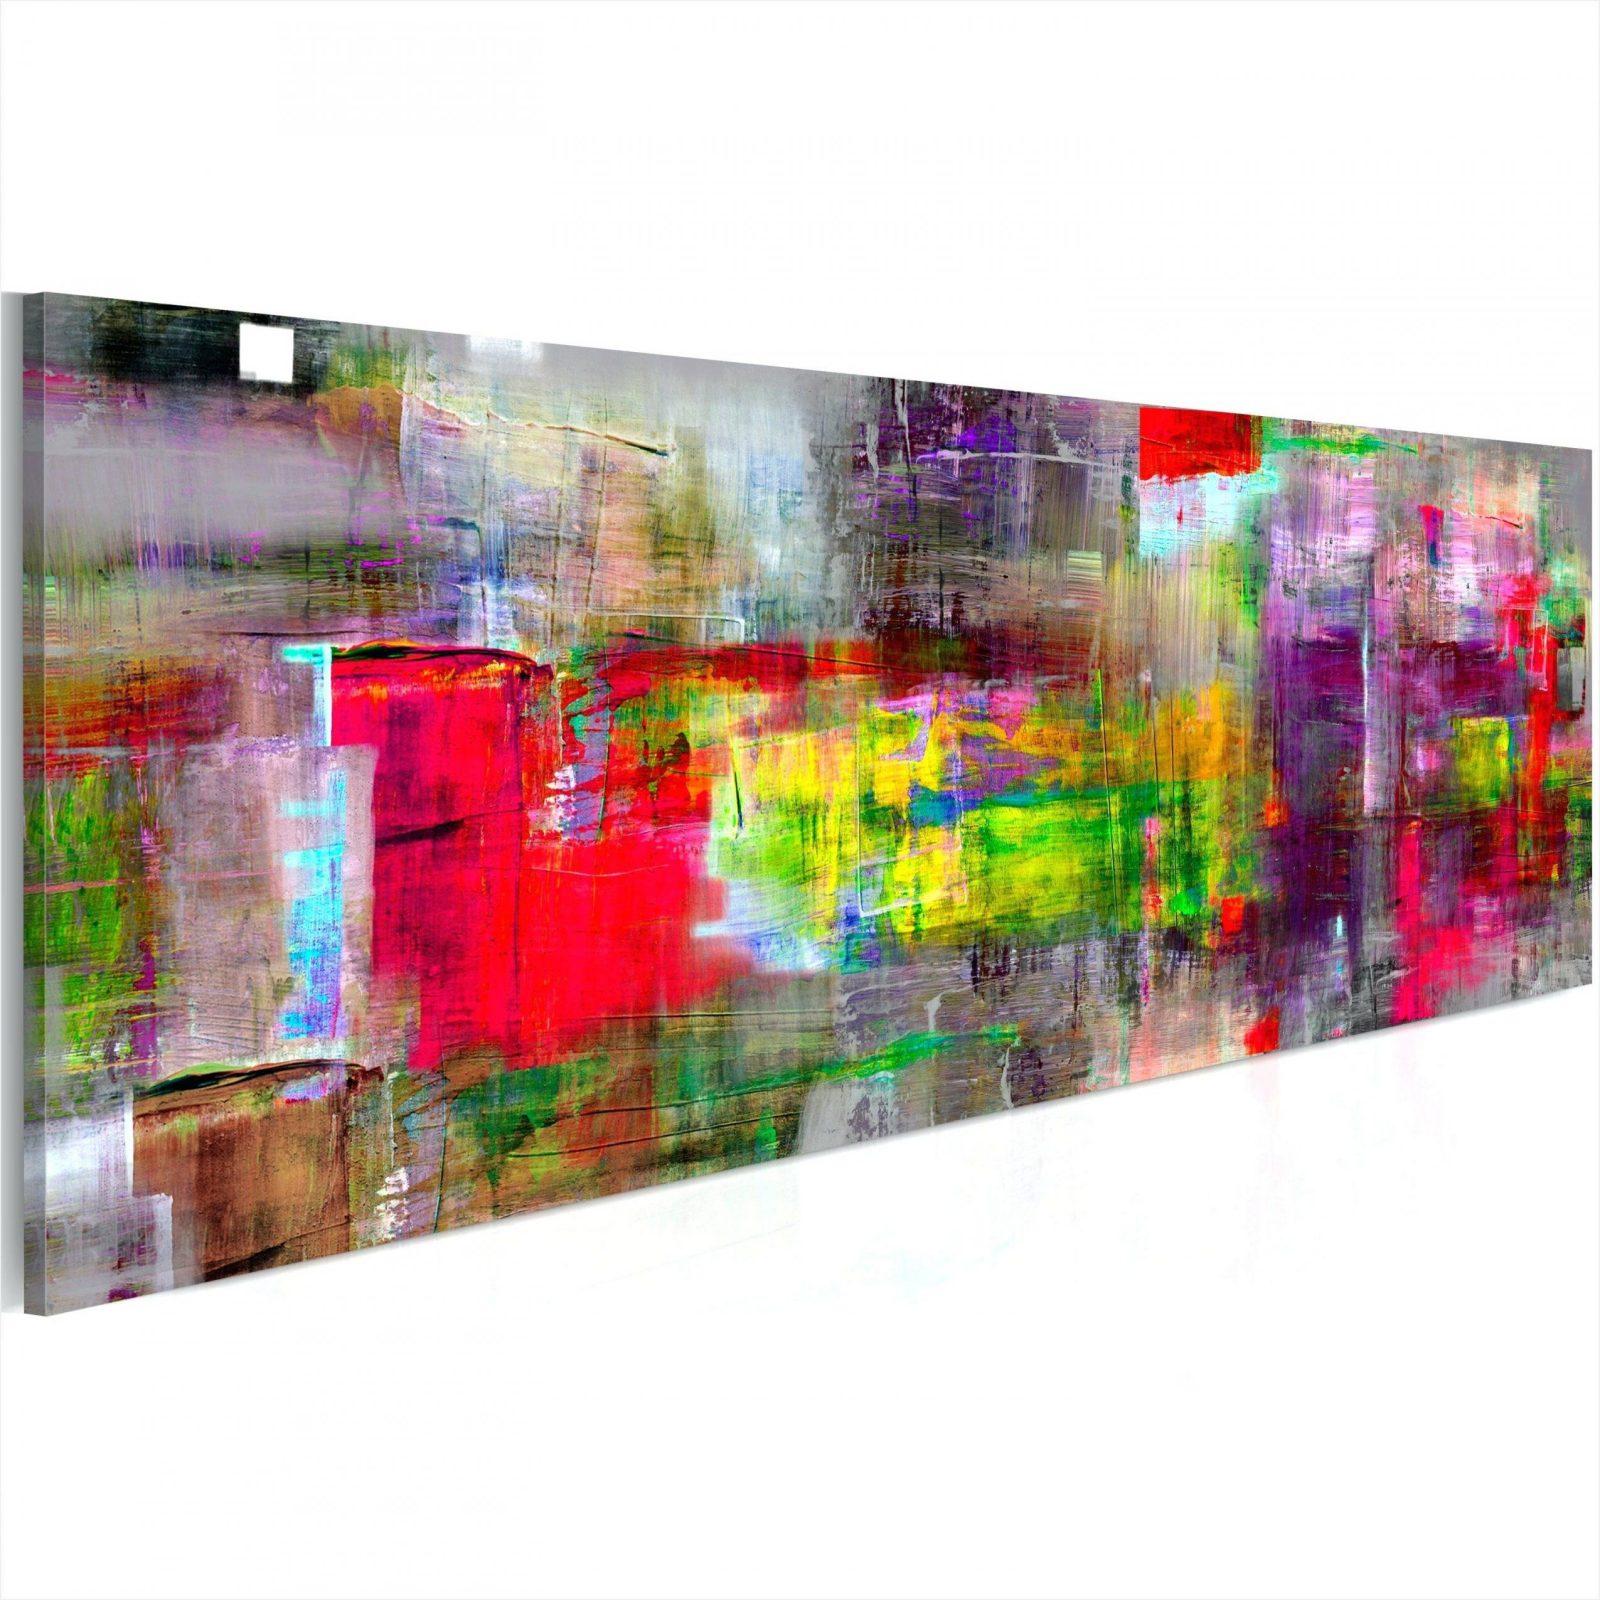 Wandbilder Handgemalt Handgemalte Bilder Auf Leinwand Wunderbar von Bilder Auf Leinwand Abstrakt Photo